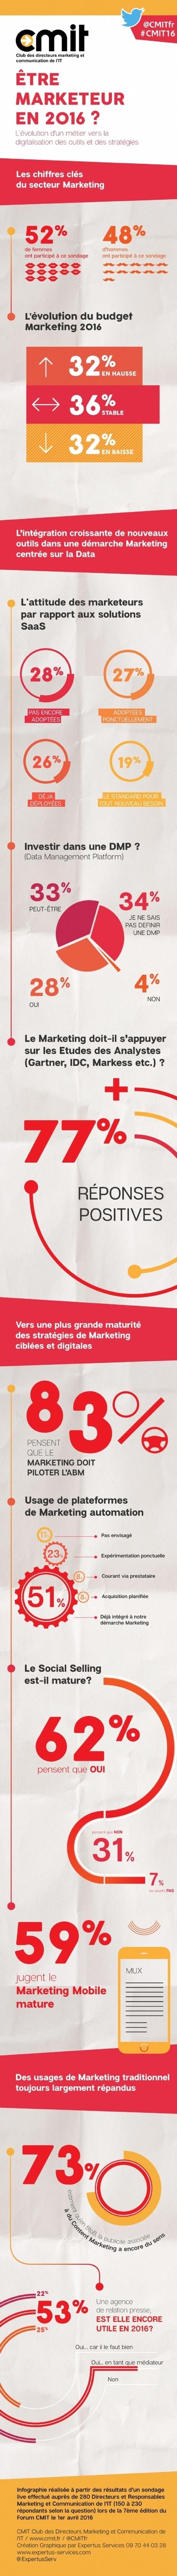 Quelle est la vision des marketeurs en 2016? - Mobile marketing | marketing digital | Scoop.it